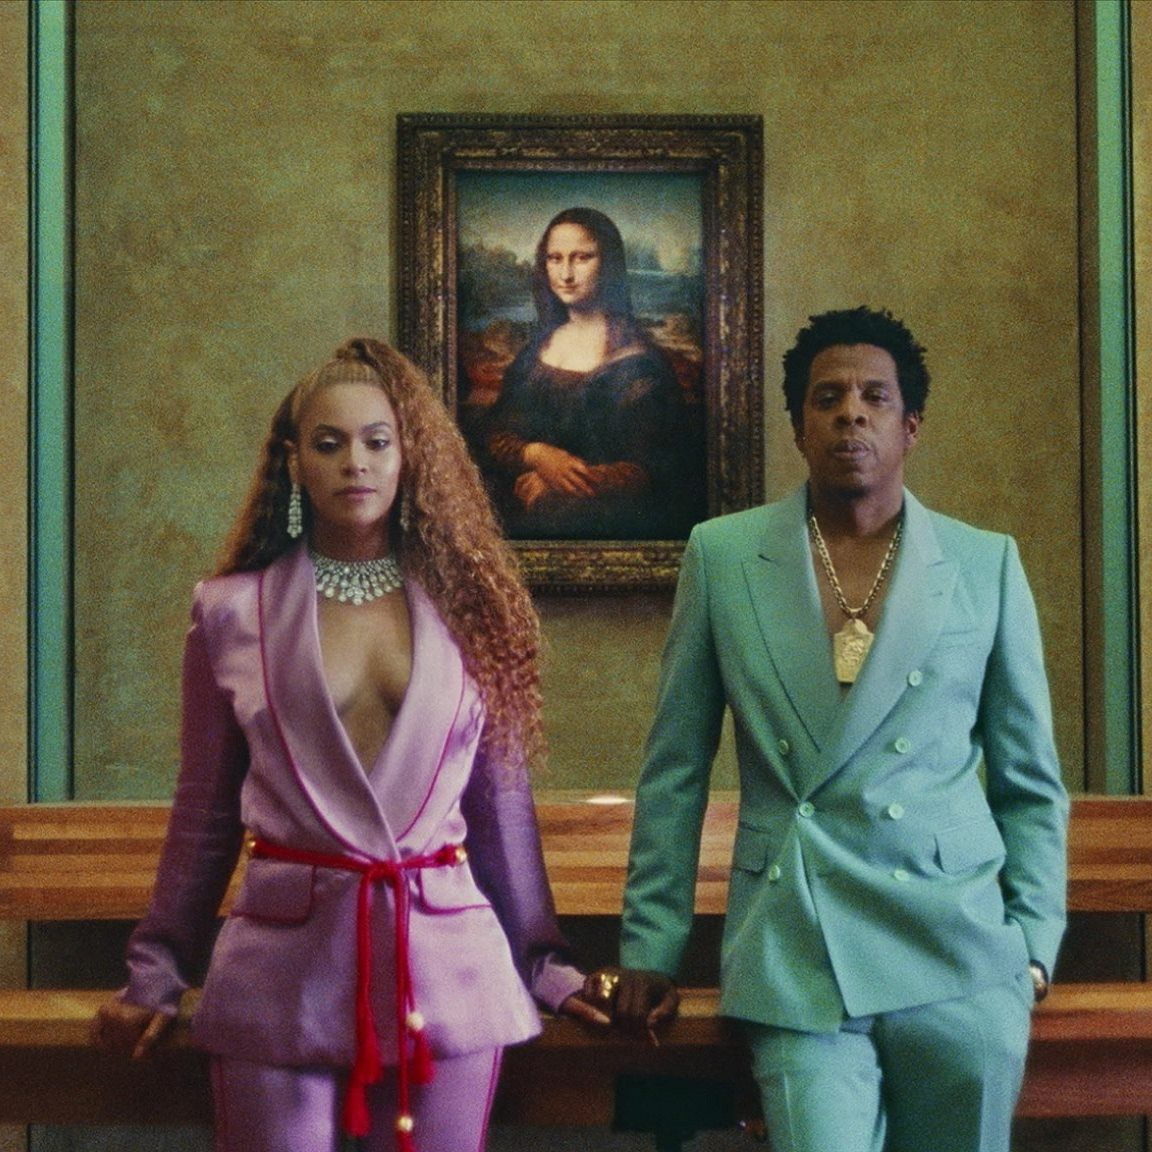 Xúc động nhìn lại hành trình âm nhạc Beyoncé - Jay Z: Từ hôm nay hãy gọi họ là triều đại mới! - Ảnh 10.